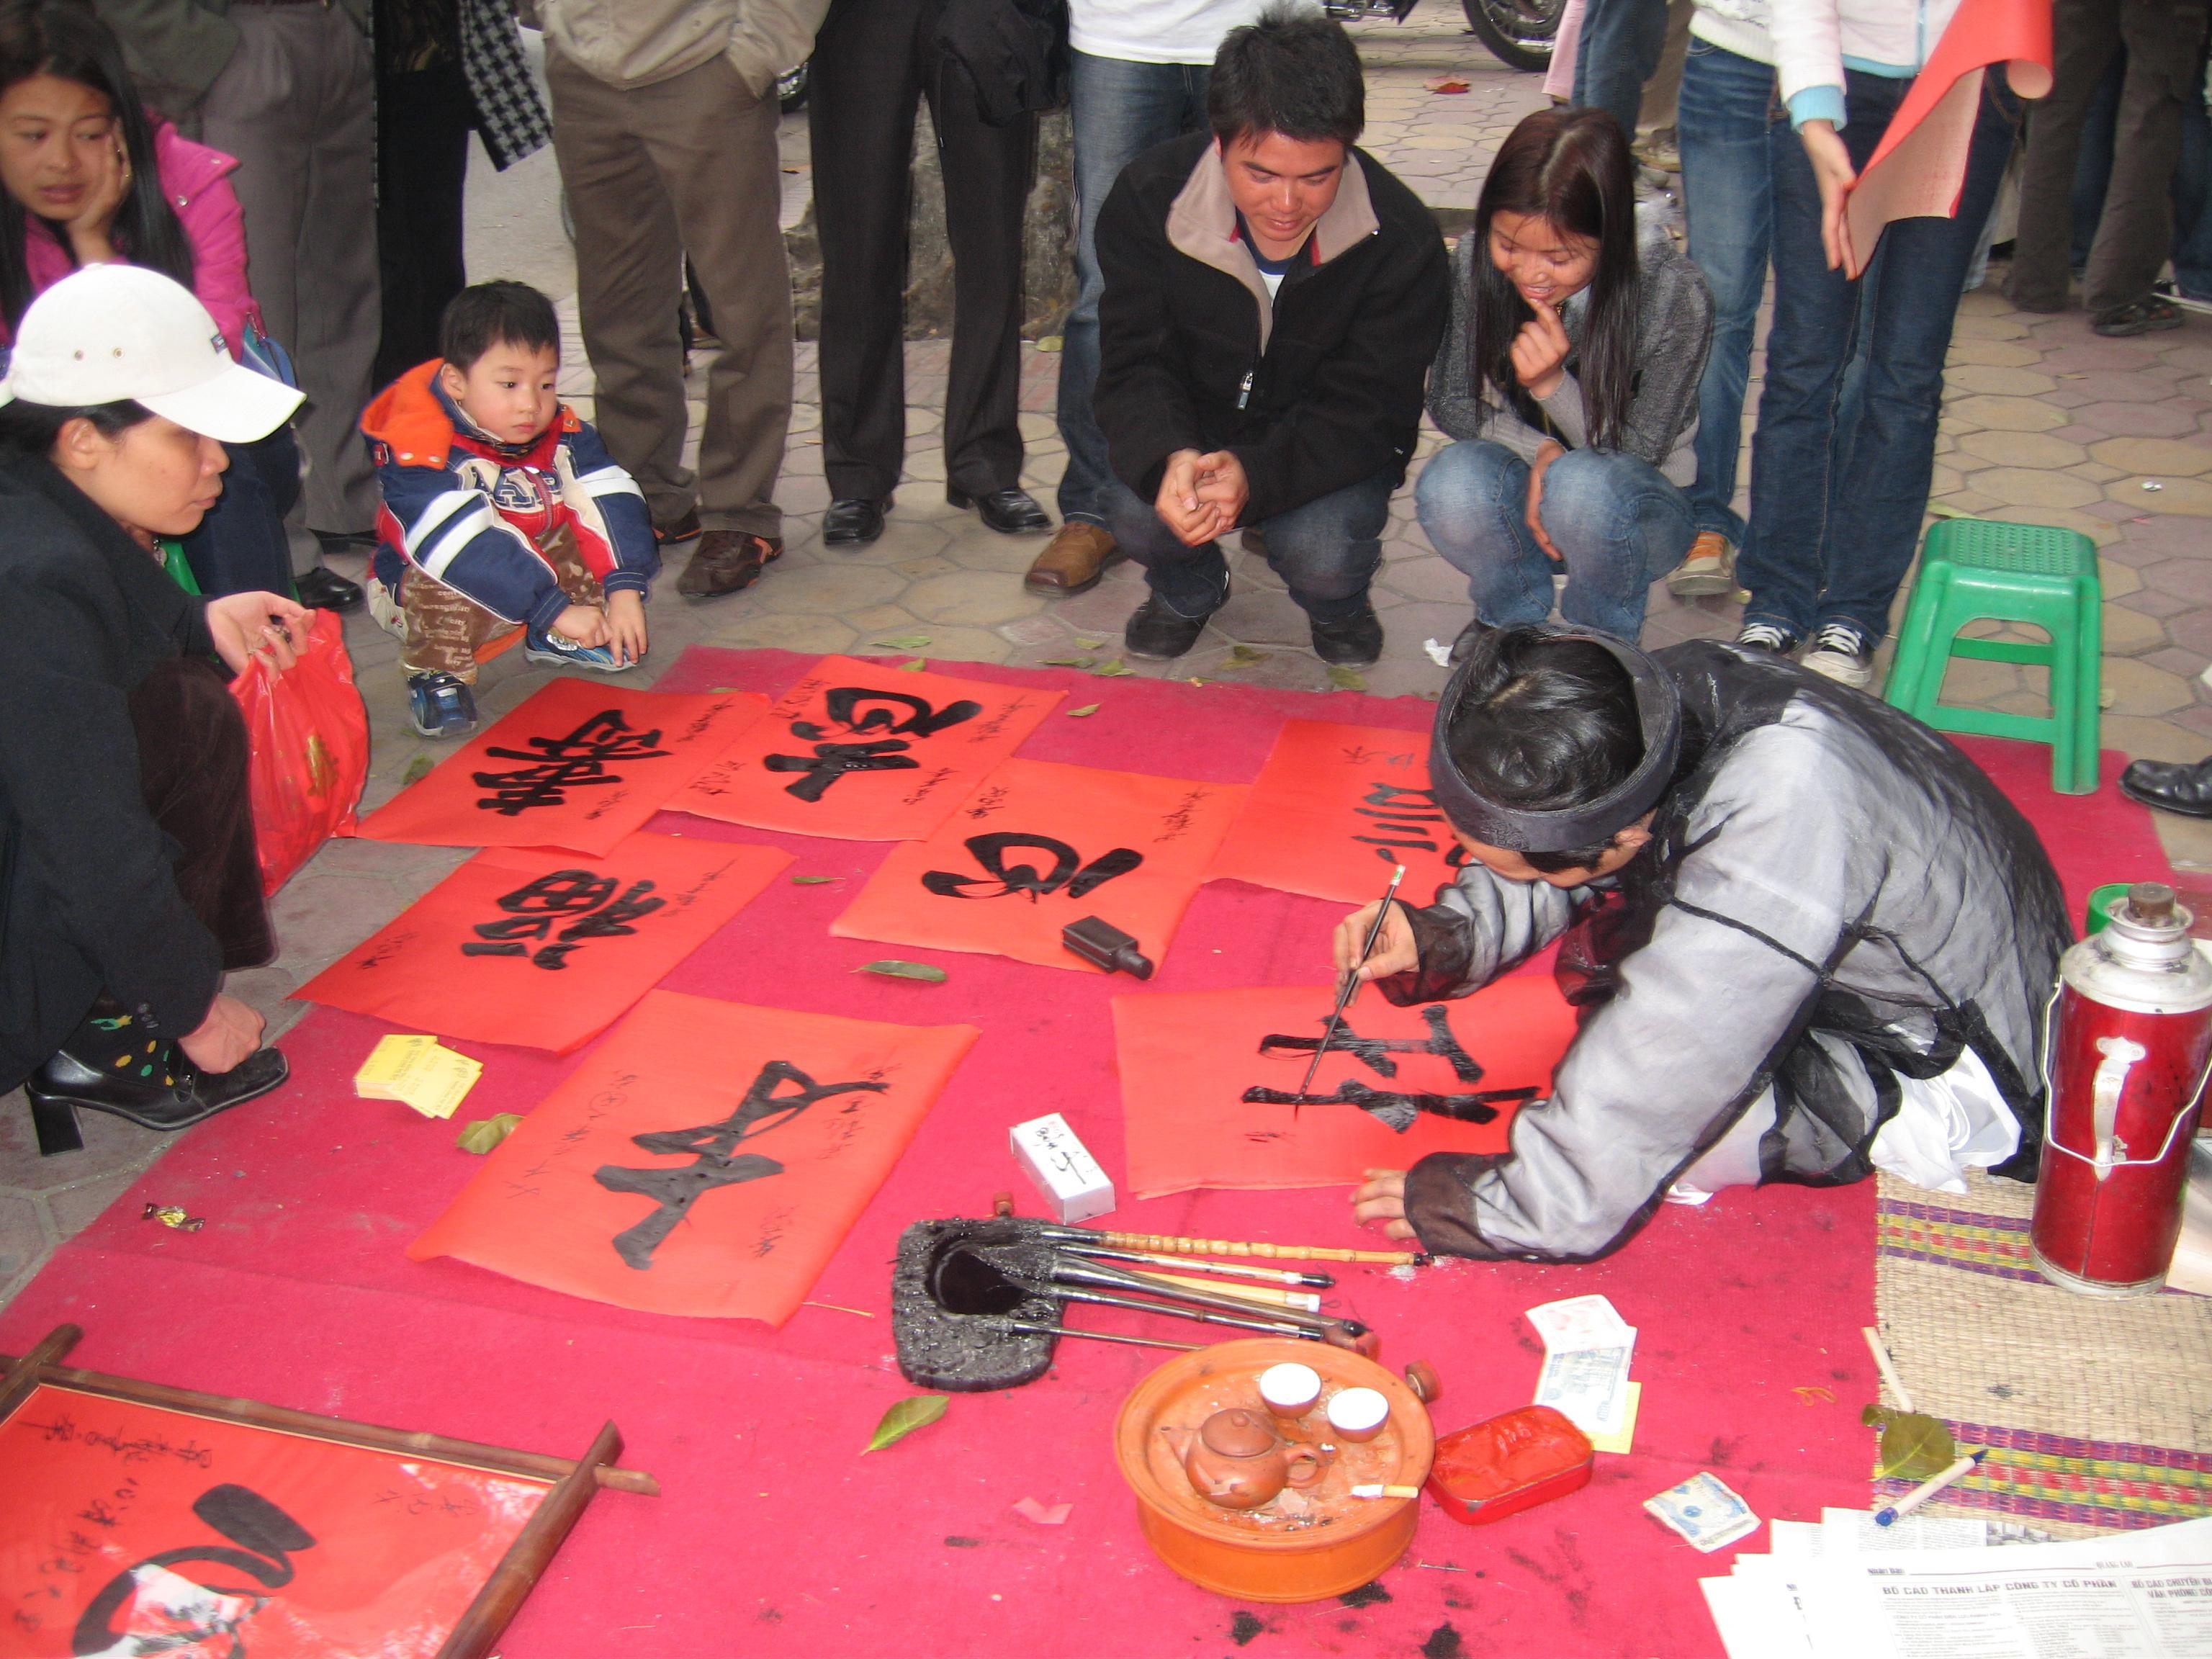 http://upload.wikimedia.org/wikipedia/vi/8/89/Xinchu.JPG